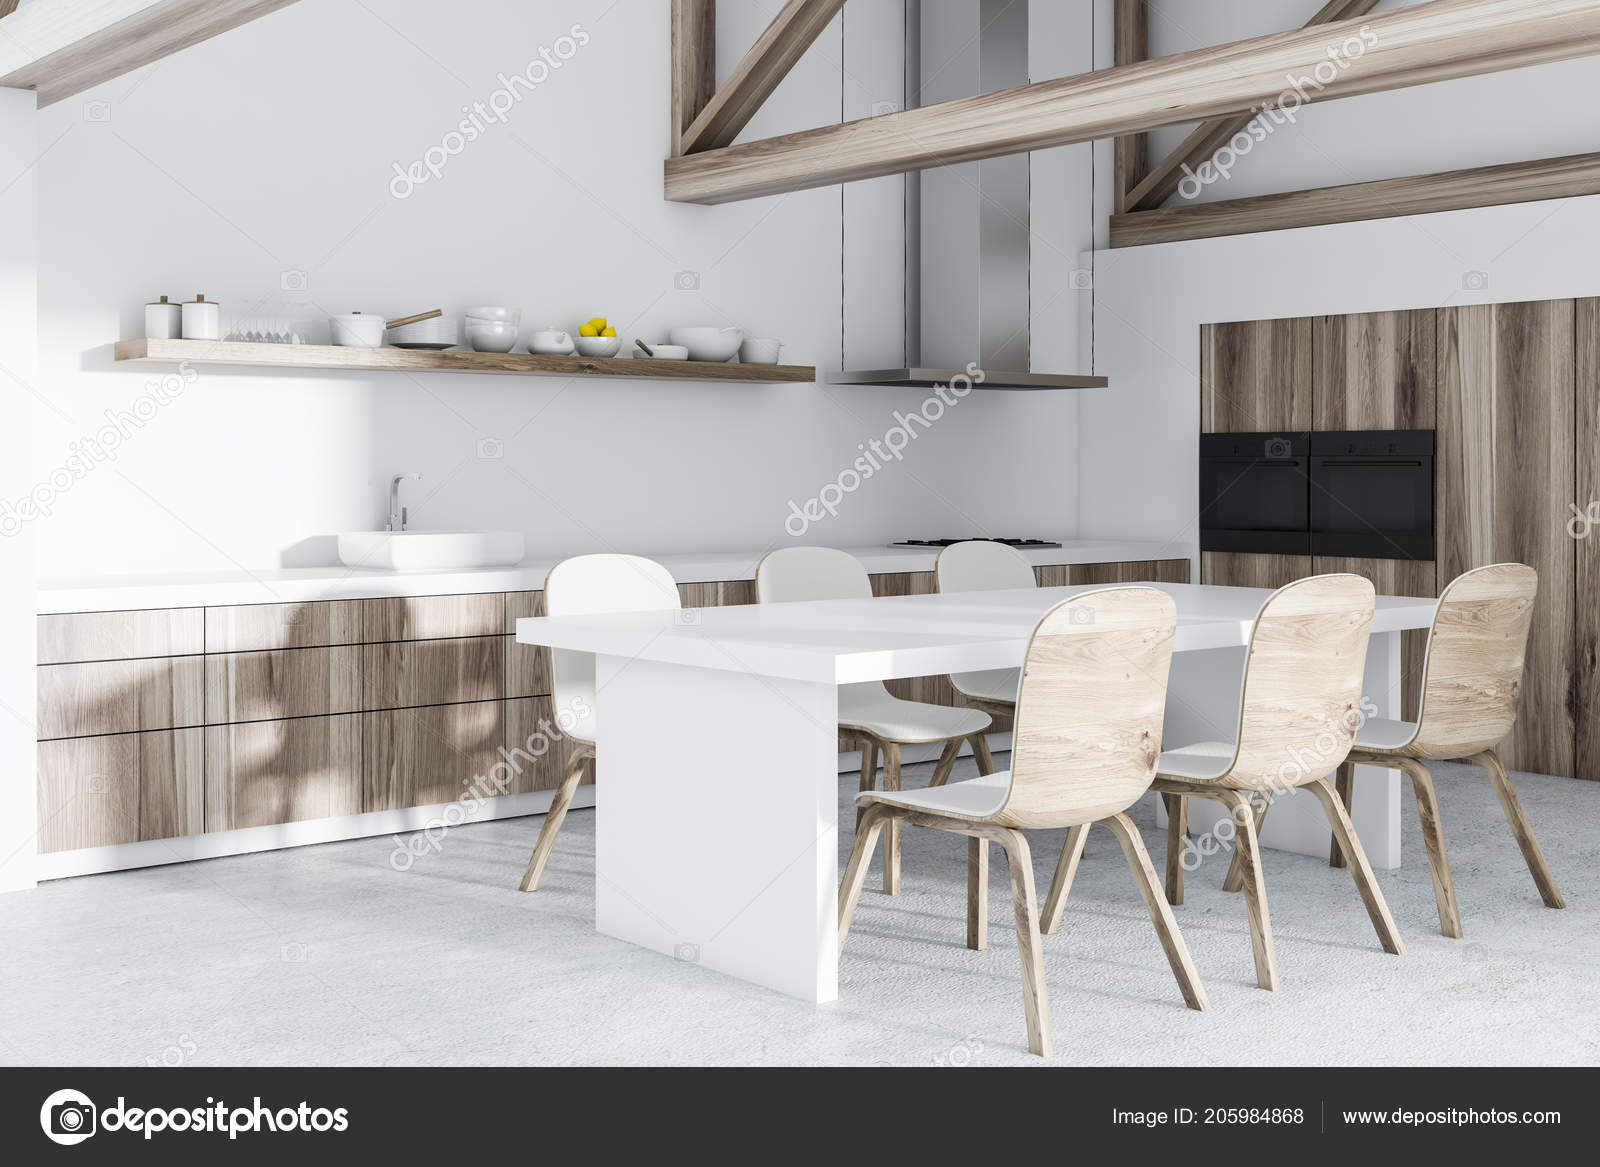 Ecke Der Innenansicht Dachgeschoss Kuche Mit Weissen Wanden Und